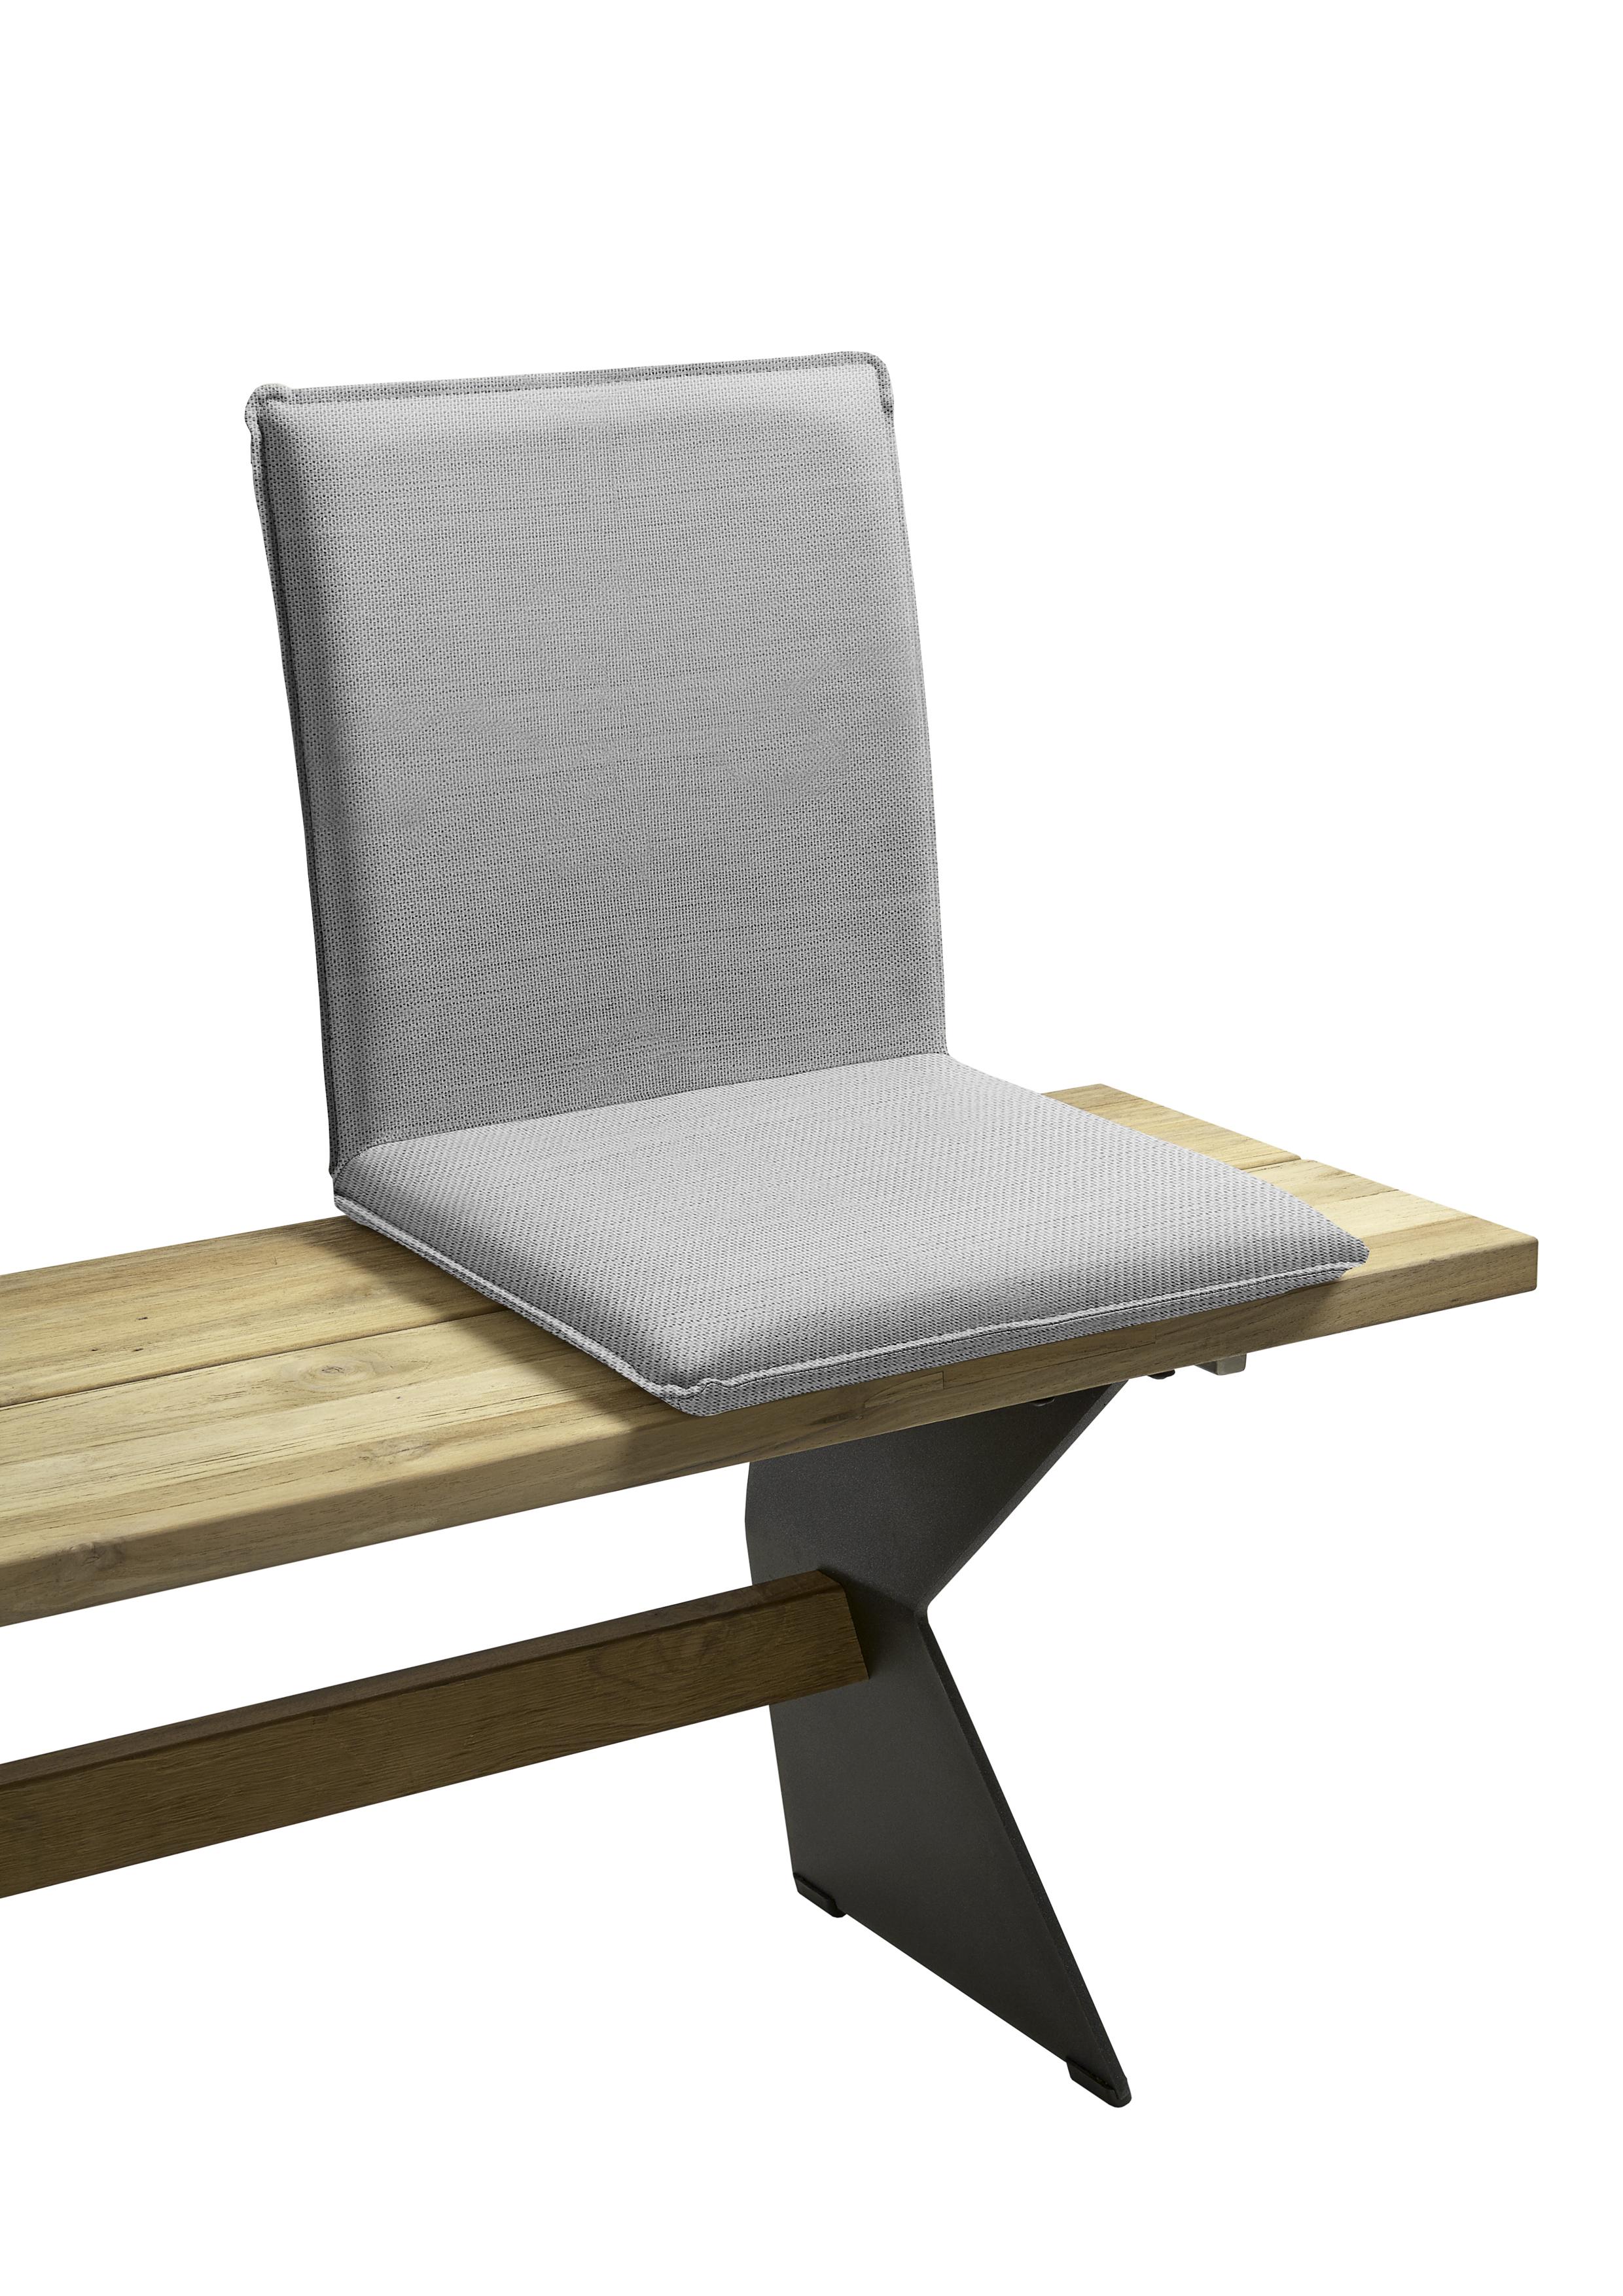 auflagen und polster f r gartenm bel und wohnm bel. Black Bedroom Furniture Sets. Home Design Ideas